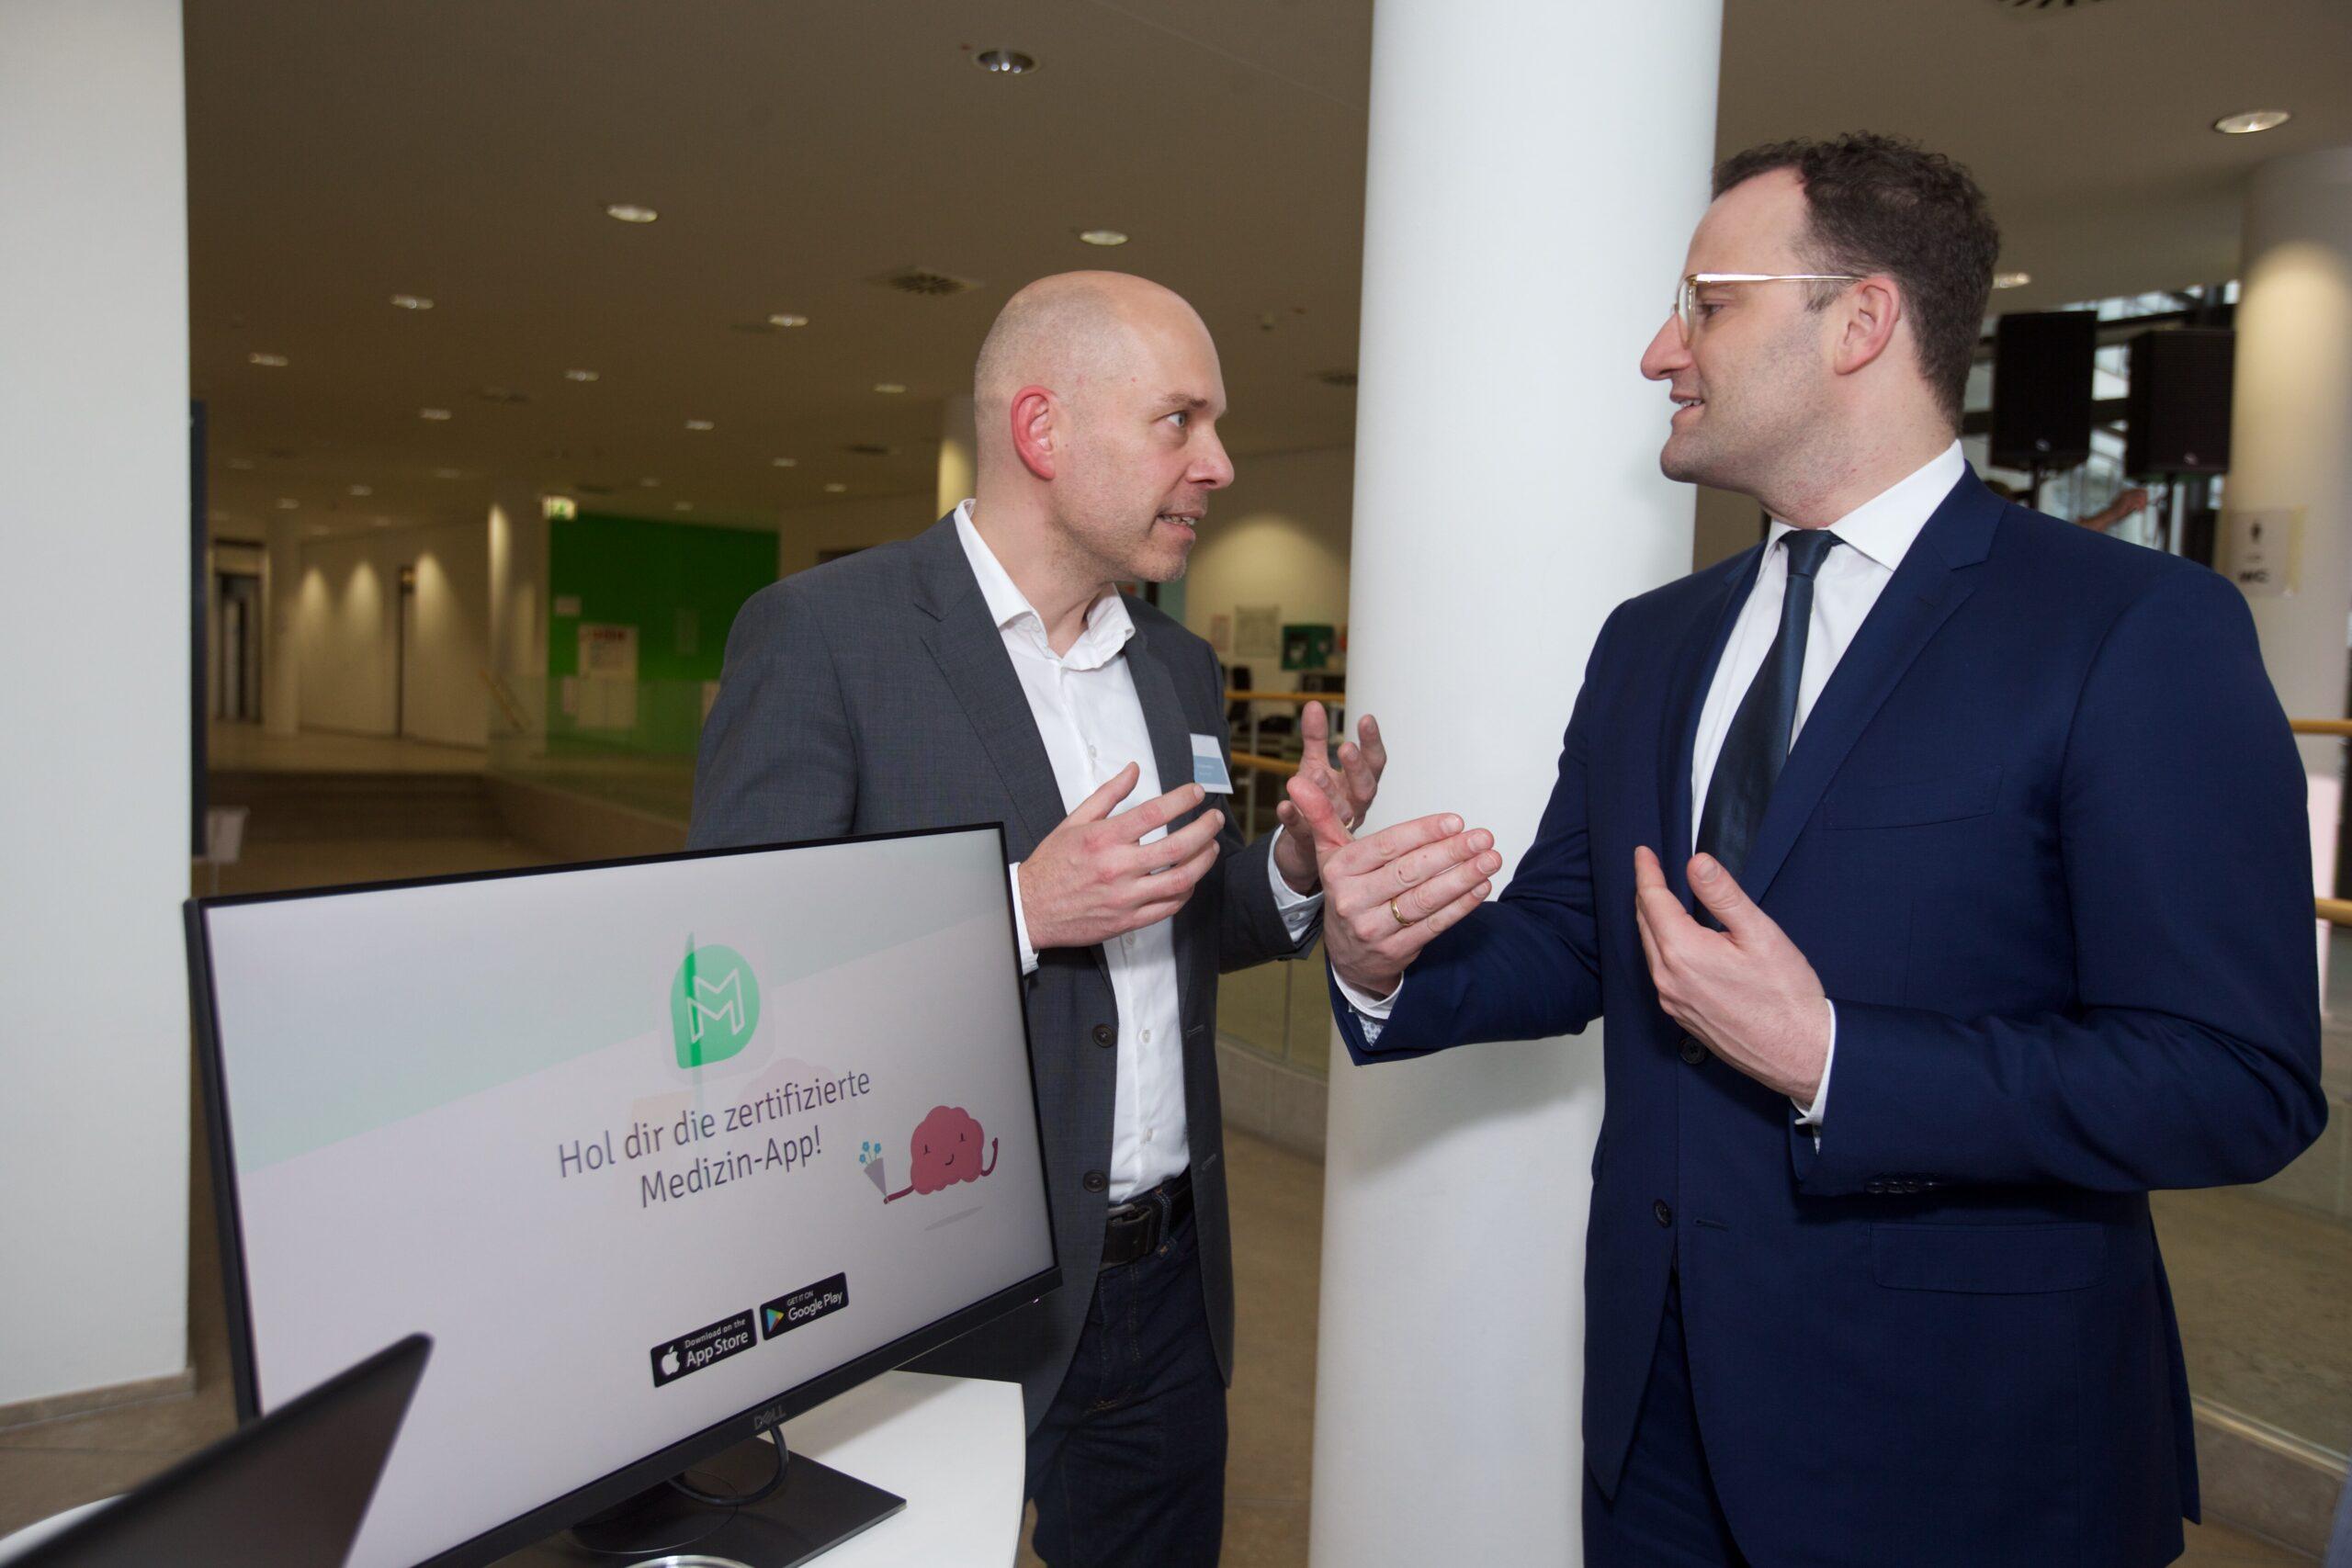 Jens Spahn und Markus Dahlem sprechen über Digital Health